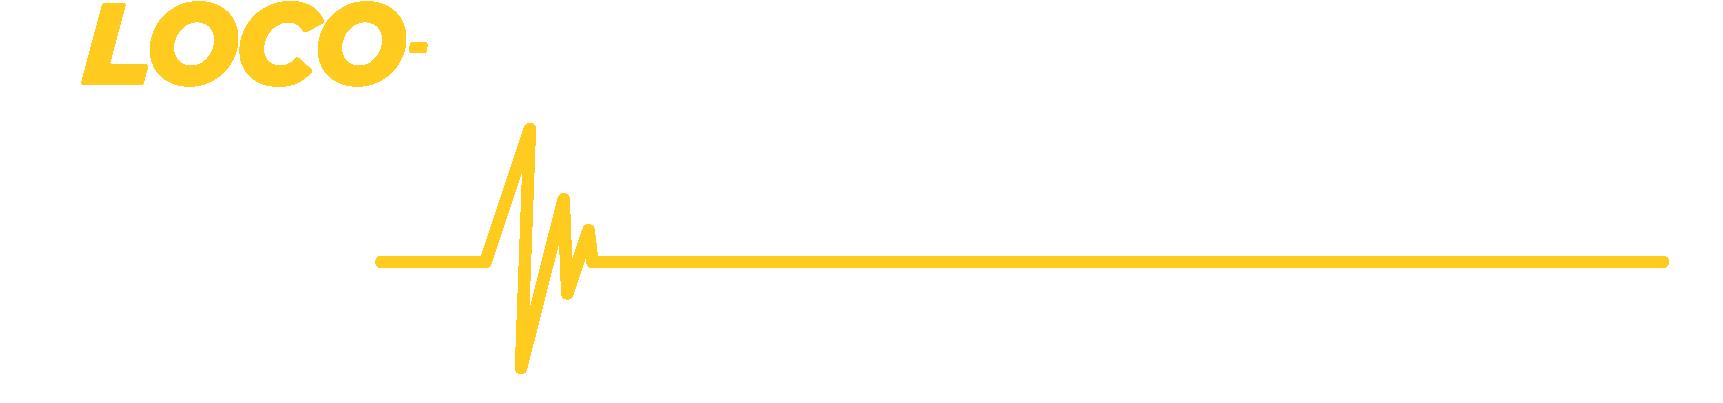 Locomotion Riihimäki